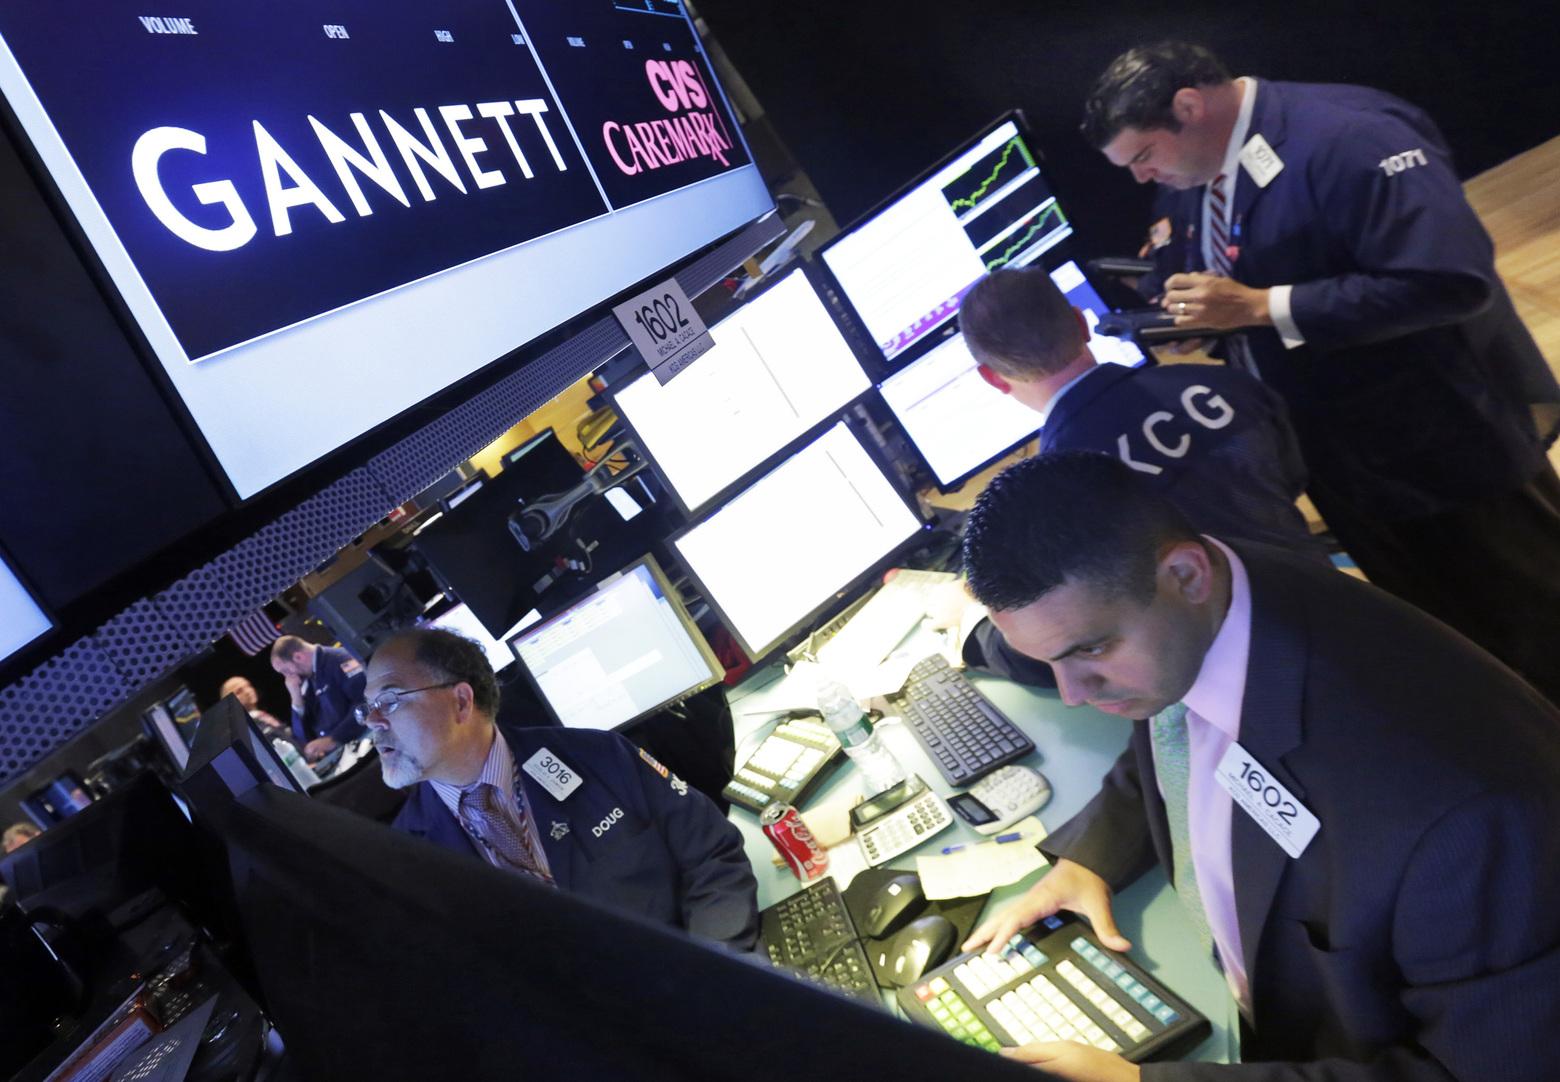 Gannett-Tronc.jpg